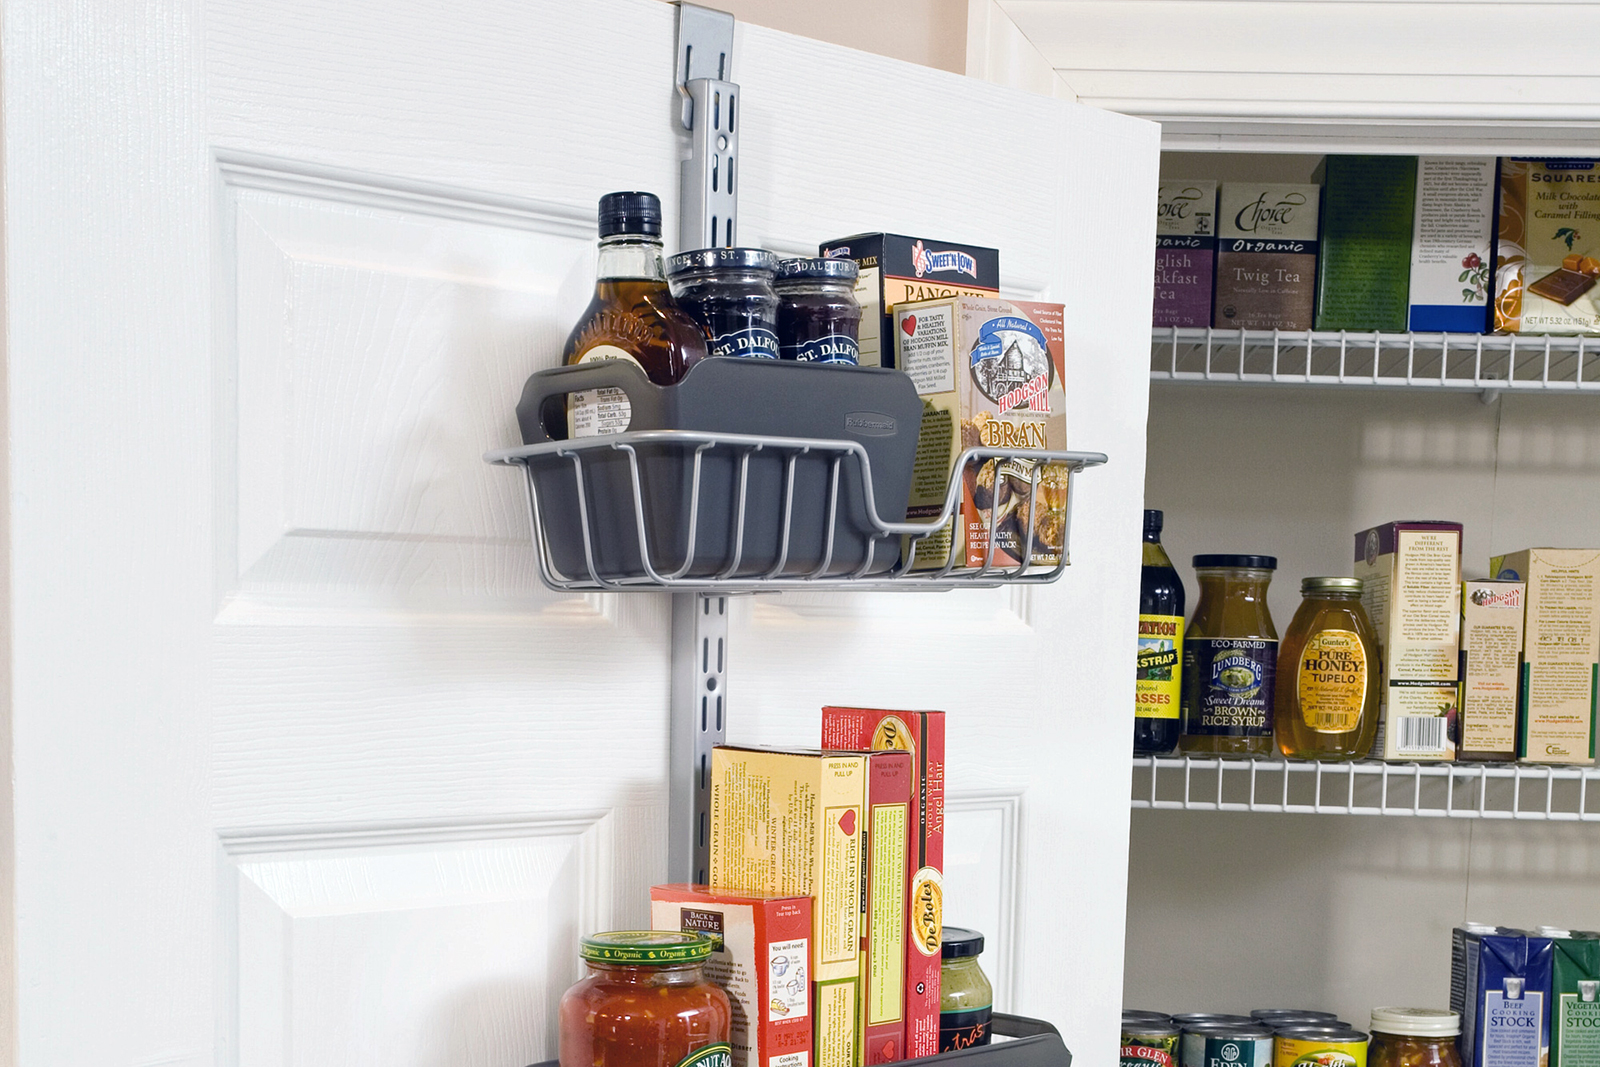 Over-the-door home kitchen storage